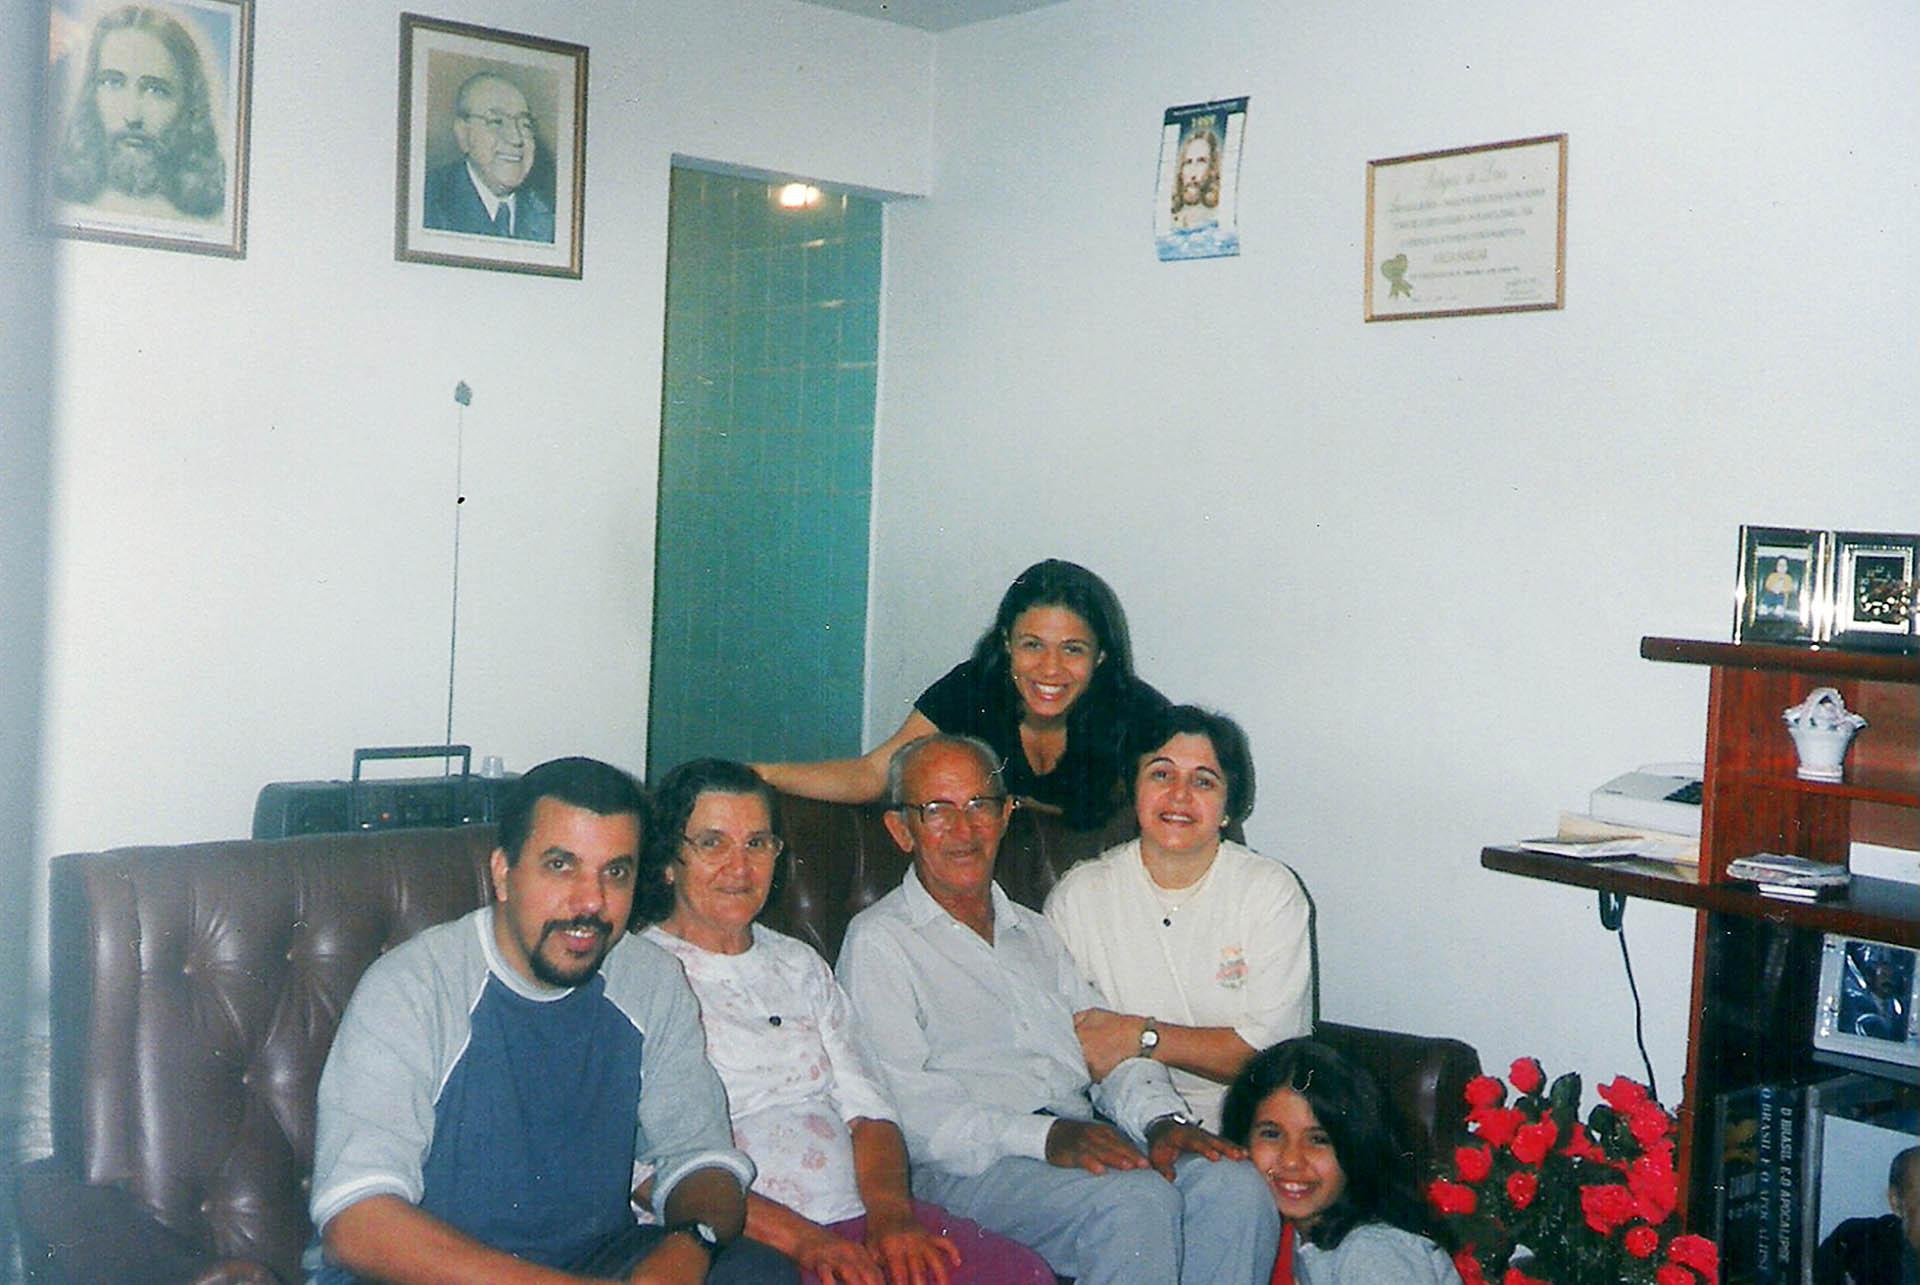 Quero homenagear meus pais Carolina e José Zuquette que estão na Pátria Espiritual há 16 anos. Sou muito grata a eles por terem apresentado para mime para os meus irmãos a Religião de Deus, do Cristo e do Espírito Santodesde criança.É onde sempre encontramos orientação e esclarecimentos espirituais para conduzir nossas vidas no caminho do bem. Que eles recebam nosso amor e nossa gratidão eterna pelos pais maravilhosos que sempre foram. Na foto eles estão no centro do sofá, ladeados por mim, Aparecida Zuquette emeu esposo Arli, minha filha mais nova Rafaela Zuquette e minha filha mais velhaque também está na Pátria da Verdade, Esperança de Jesus.